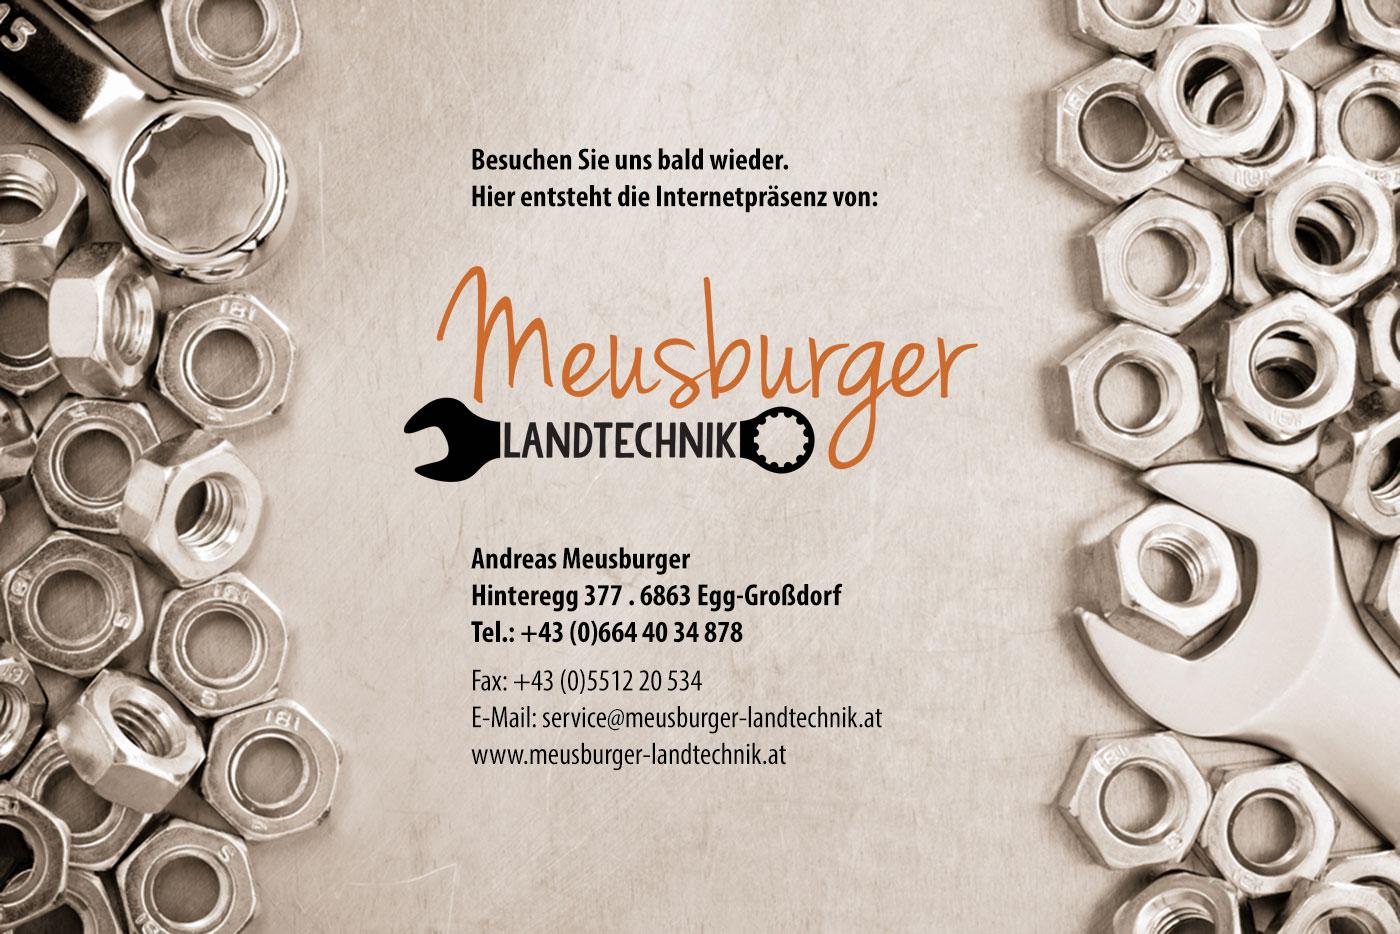 Meusburger Landtechnik - jetzt neu im Bregenzerwald